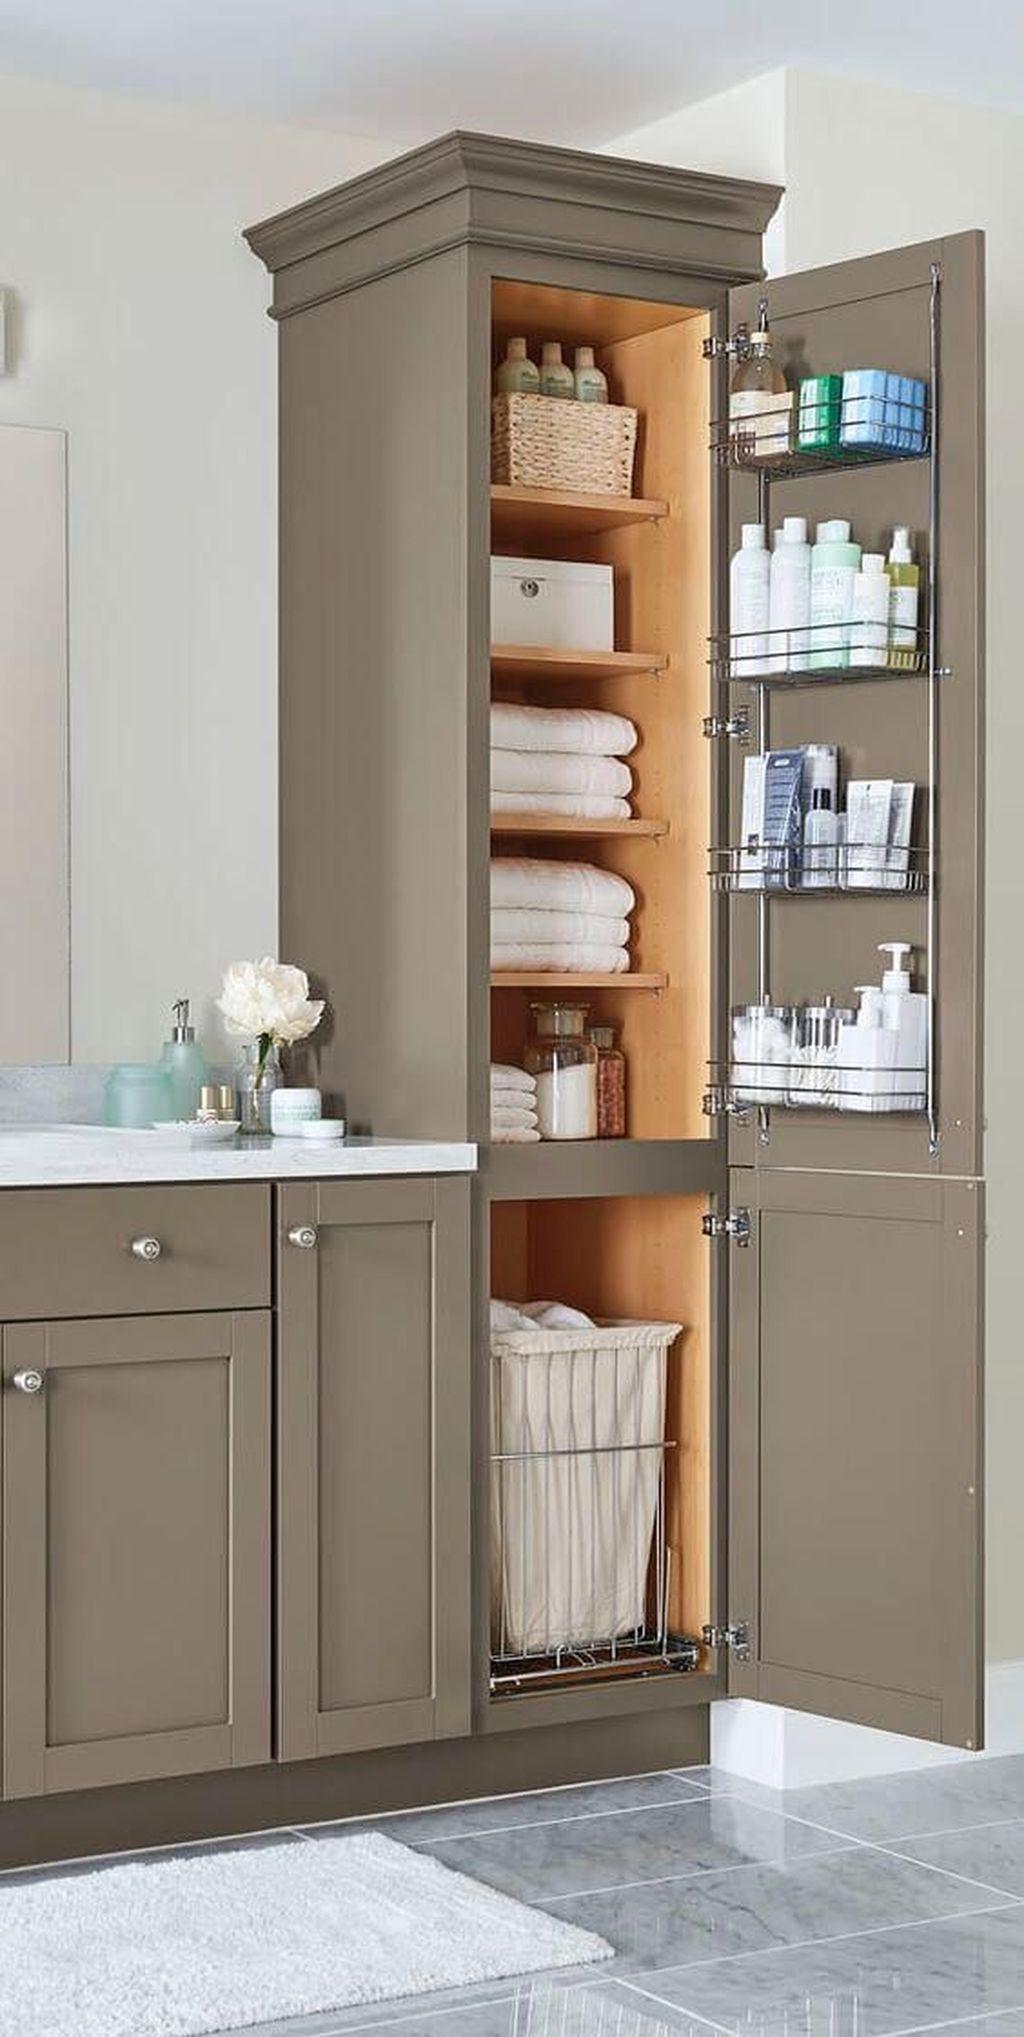 32 Gorgeous Bathroom Storage Ideas You Should Copy In 2020 Farmhouse Bathroom Decor Bathroom Organization Diy Trendy Bathroom